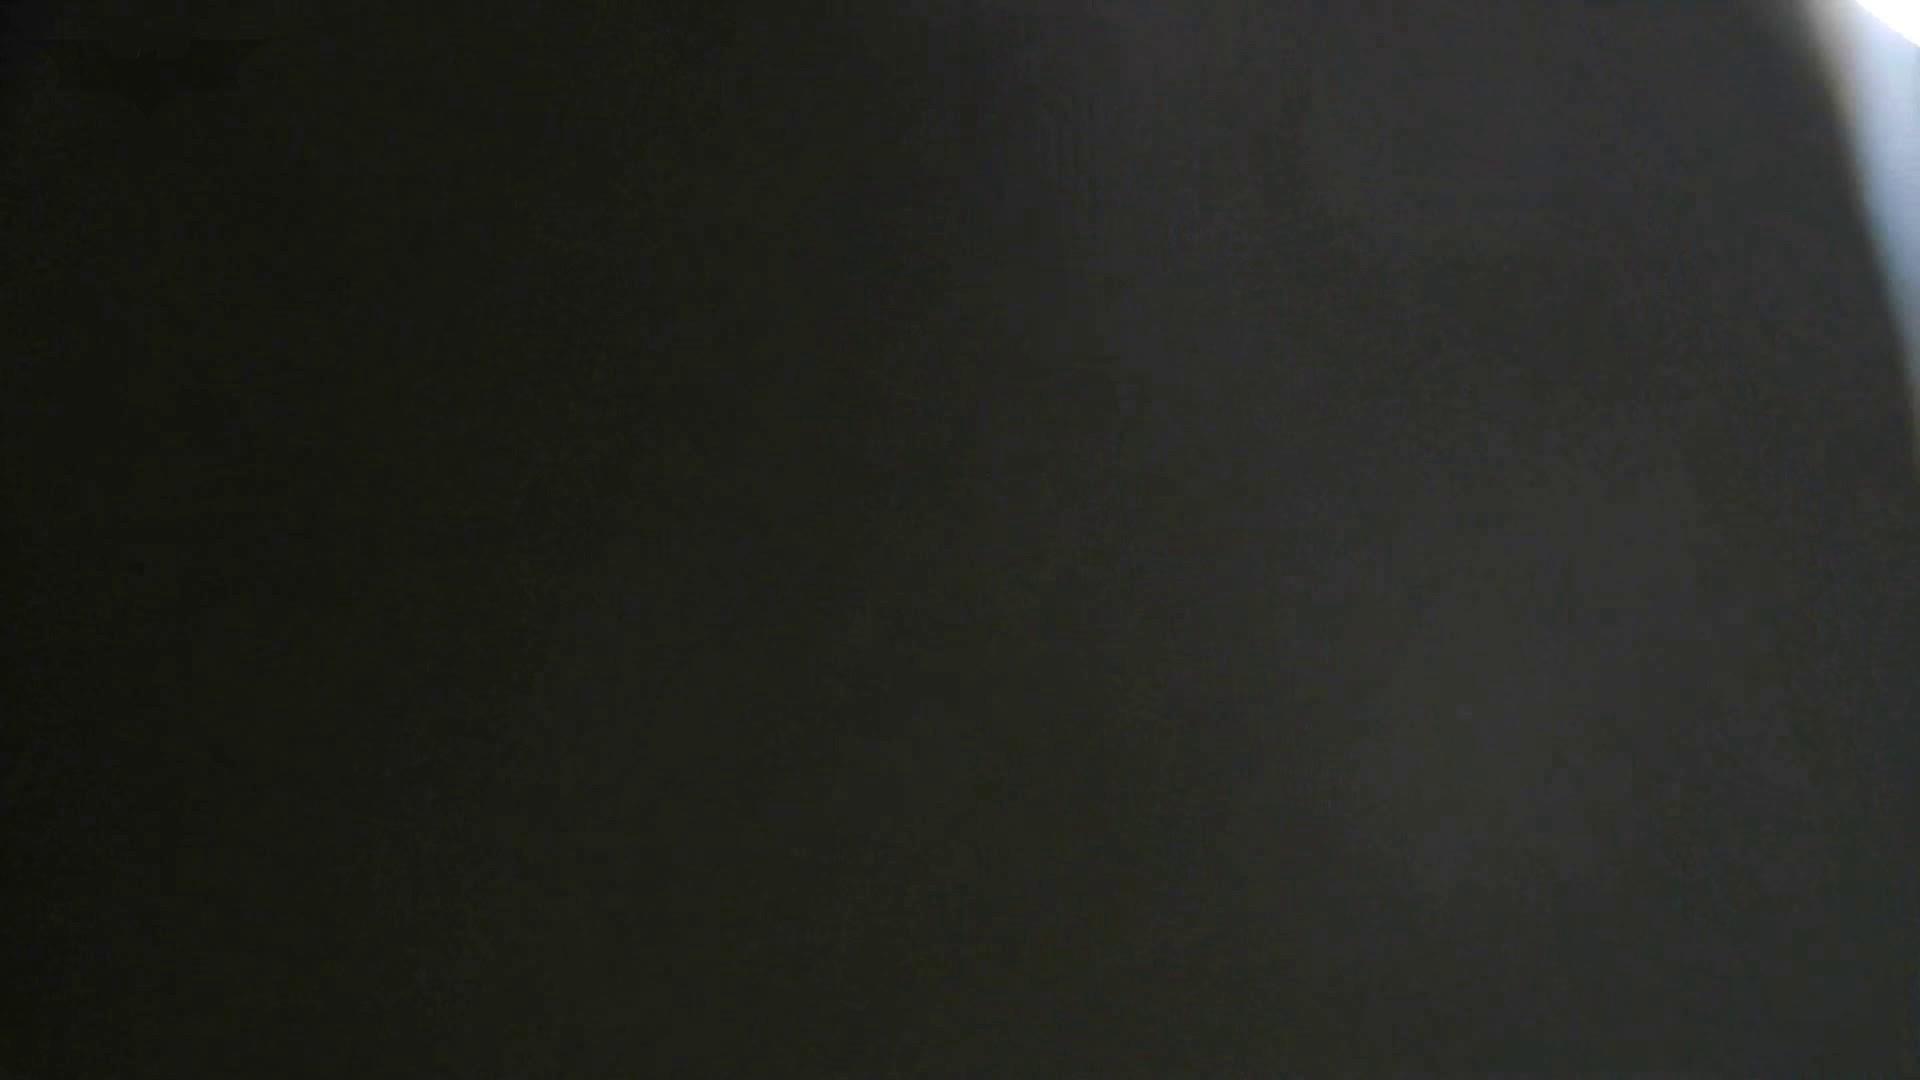 洗面所特攻隊 vol.74 last 2総勢16名激撮【2015・29位】 お姉さん  95PIX 44